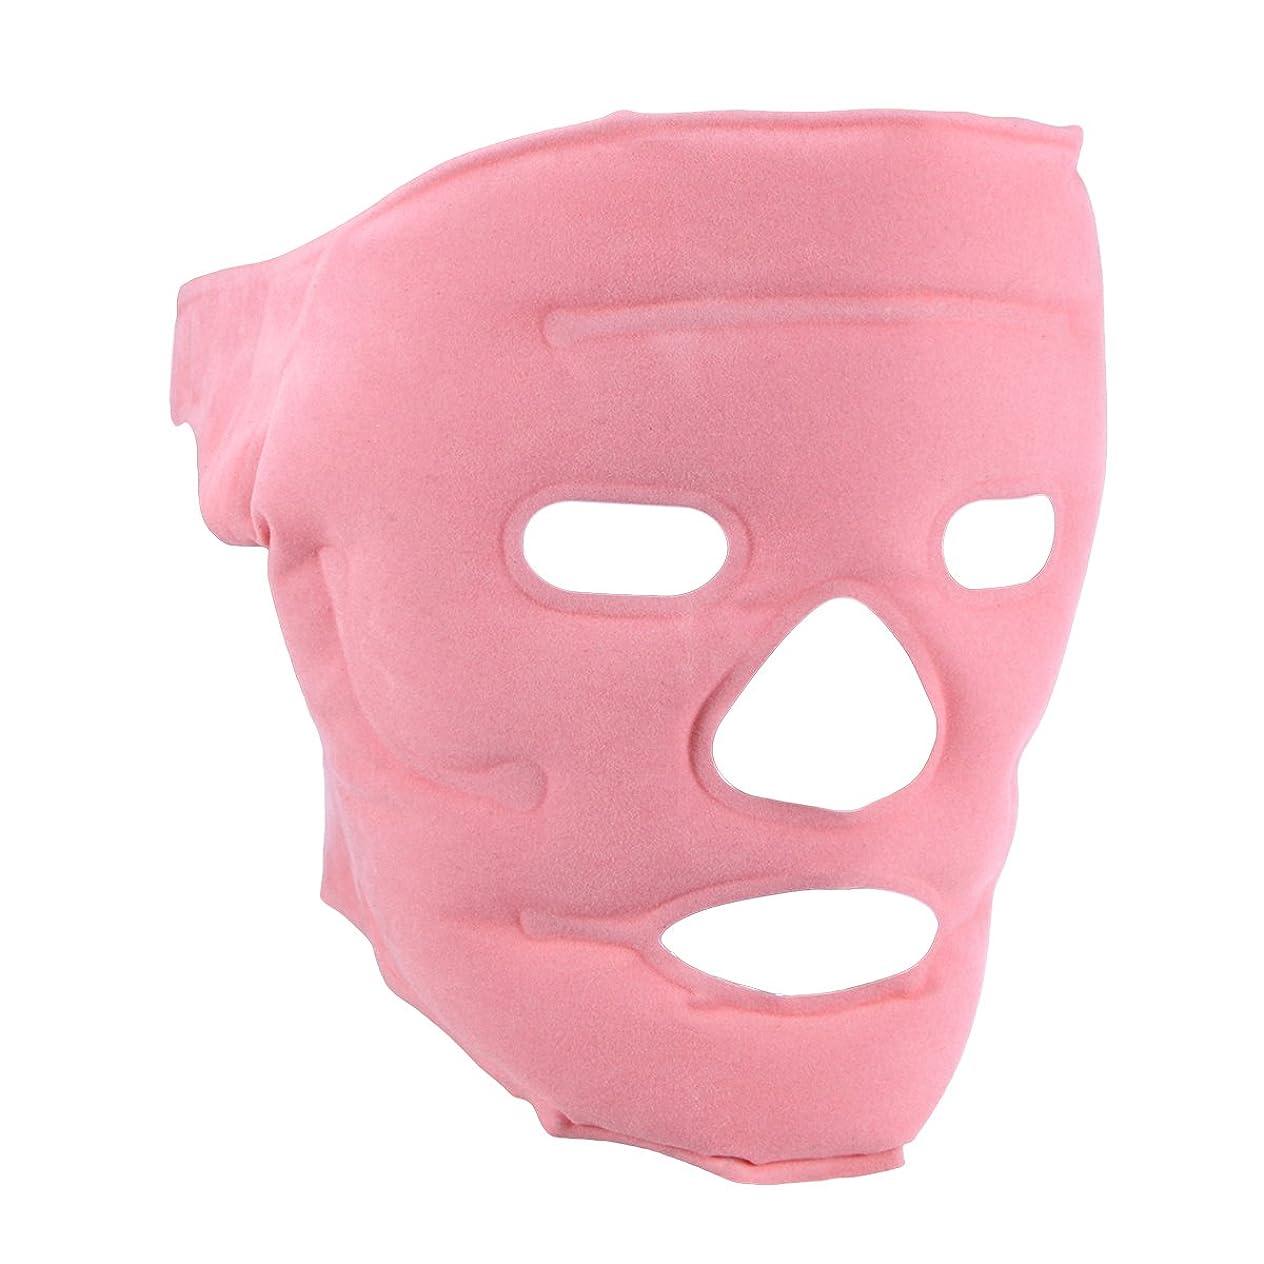 マニア溶けた魔法HEALLILY ジェルアイスフェイスマスク美容フェイスリフティングマッサージフェイシャルマスク